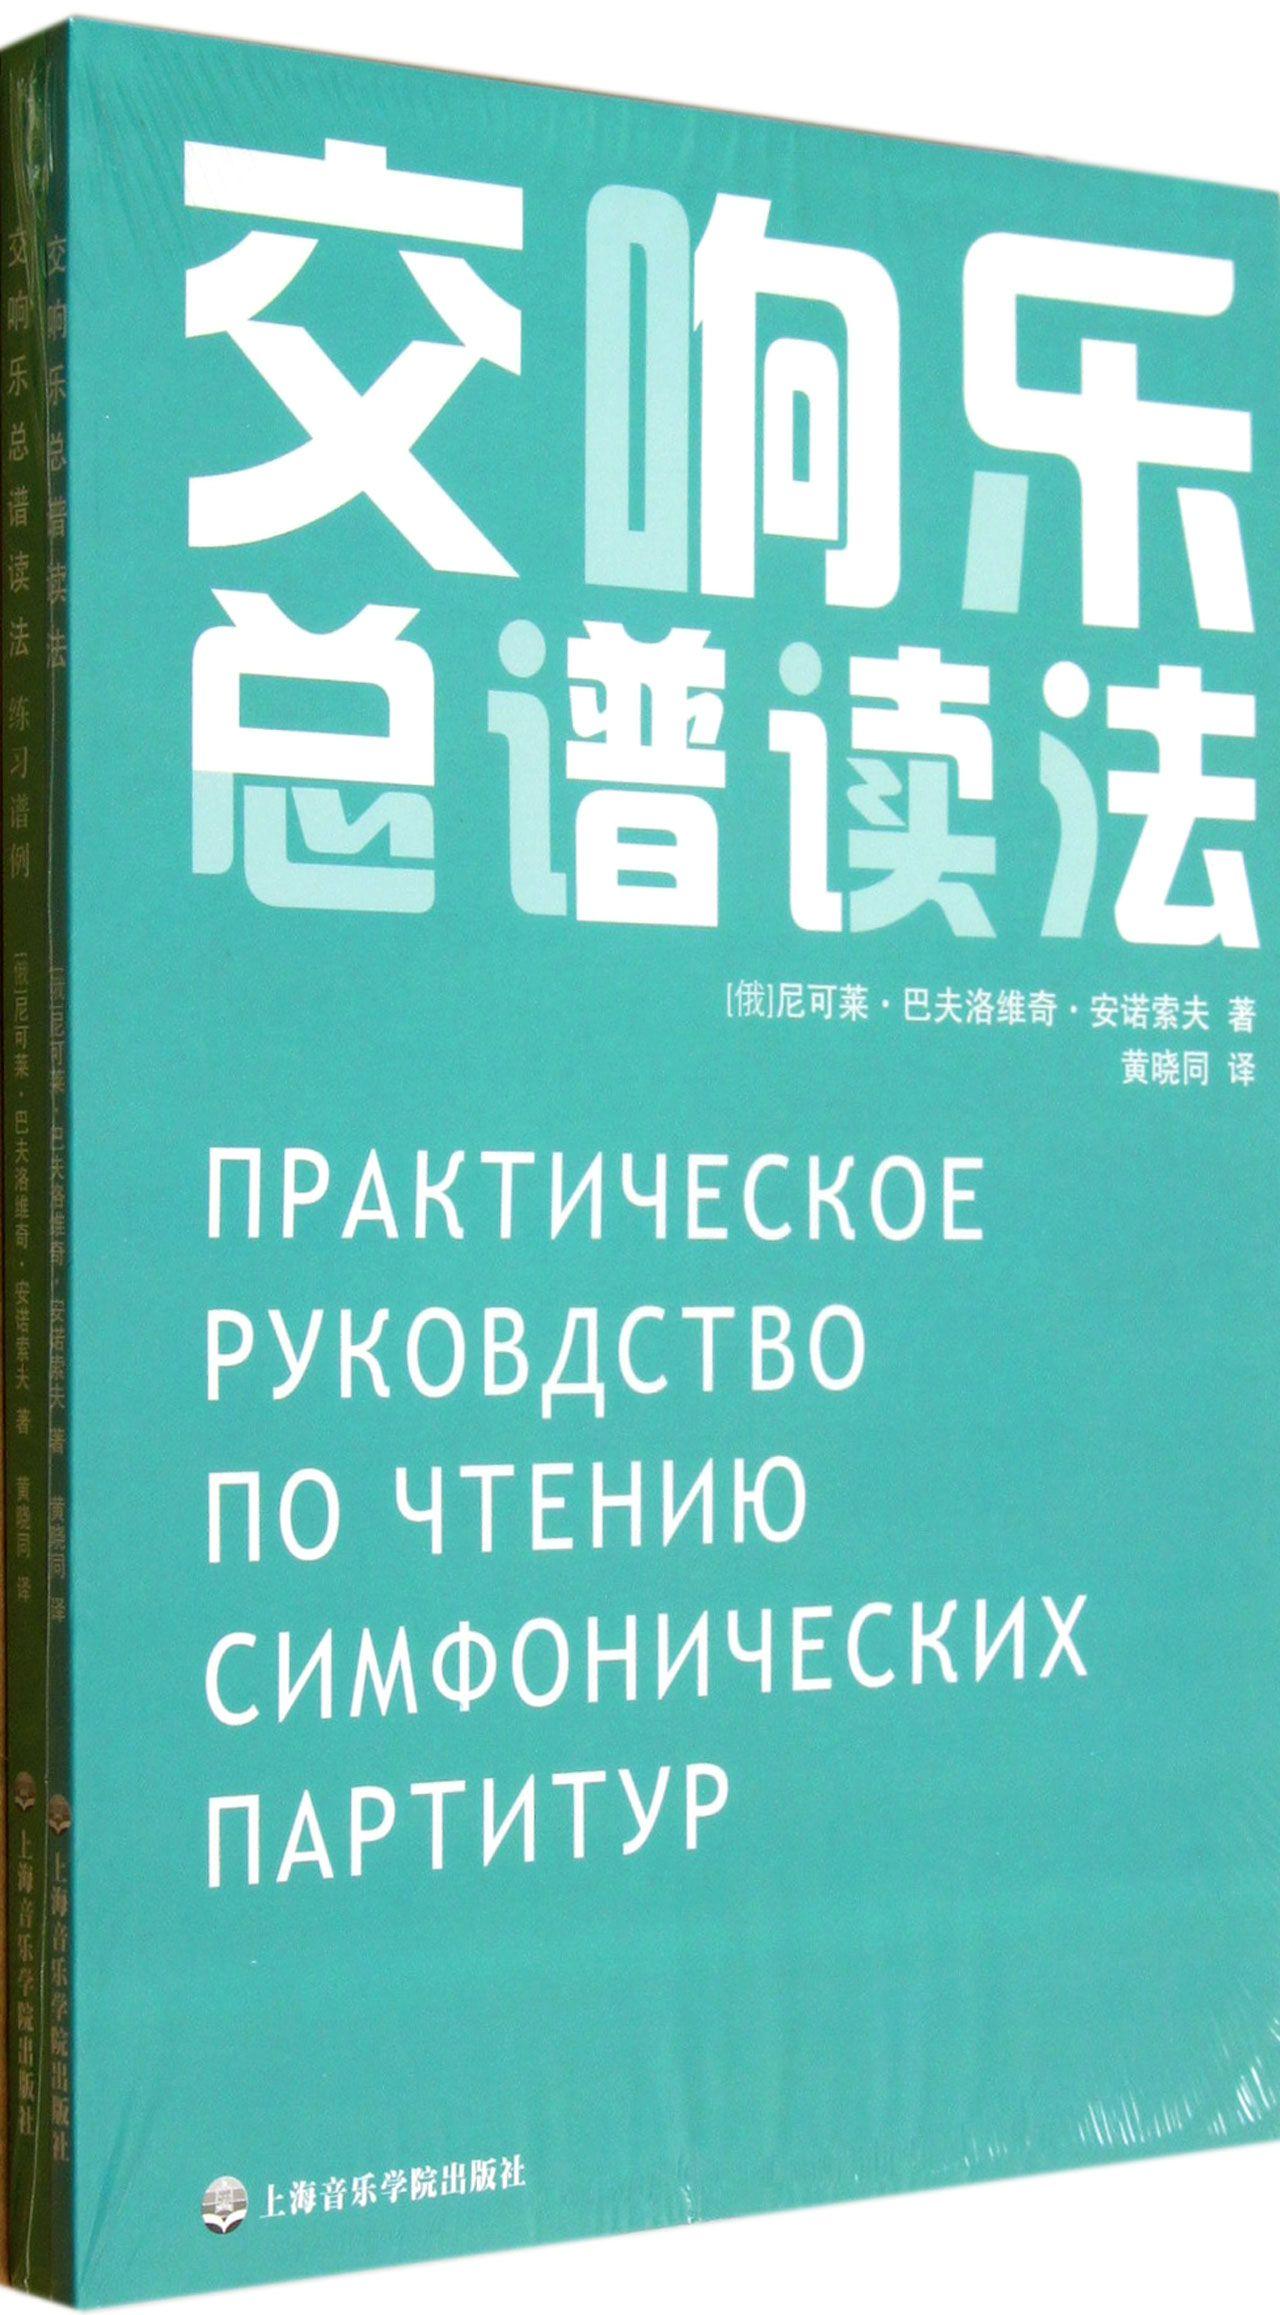 交响乐总谱读法(共2册)